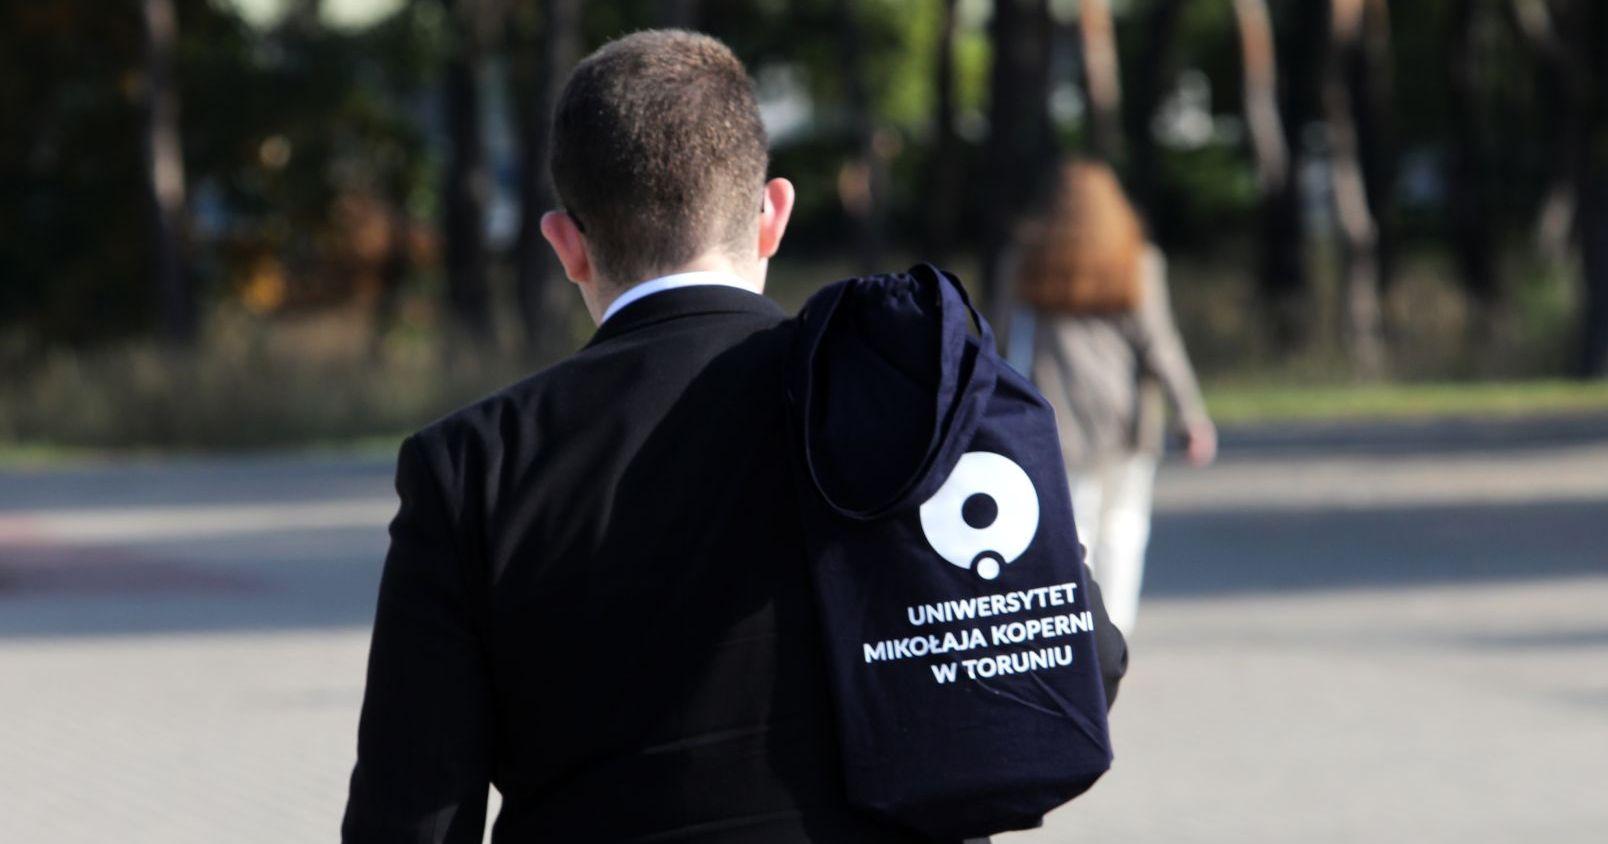 Człowiek z torbą z logo UMK